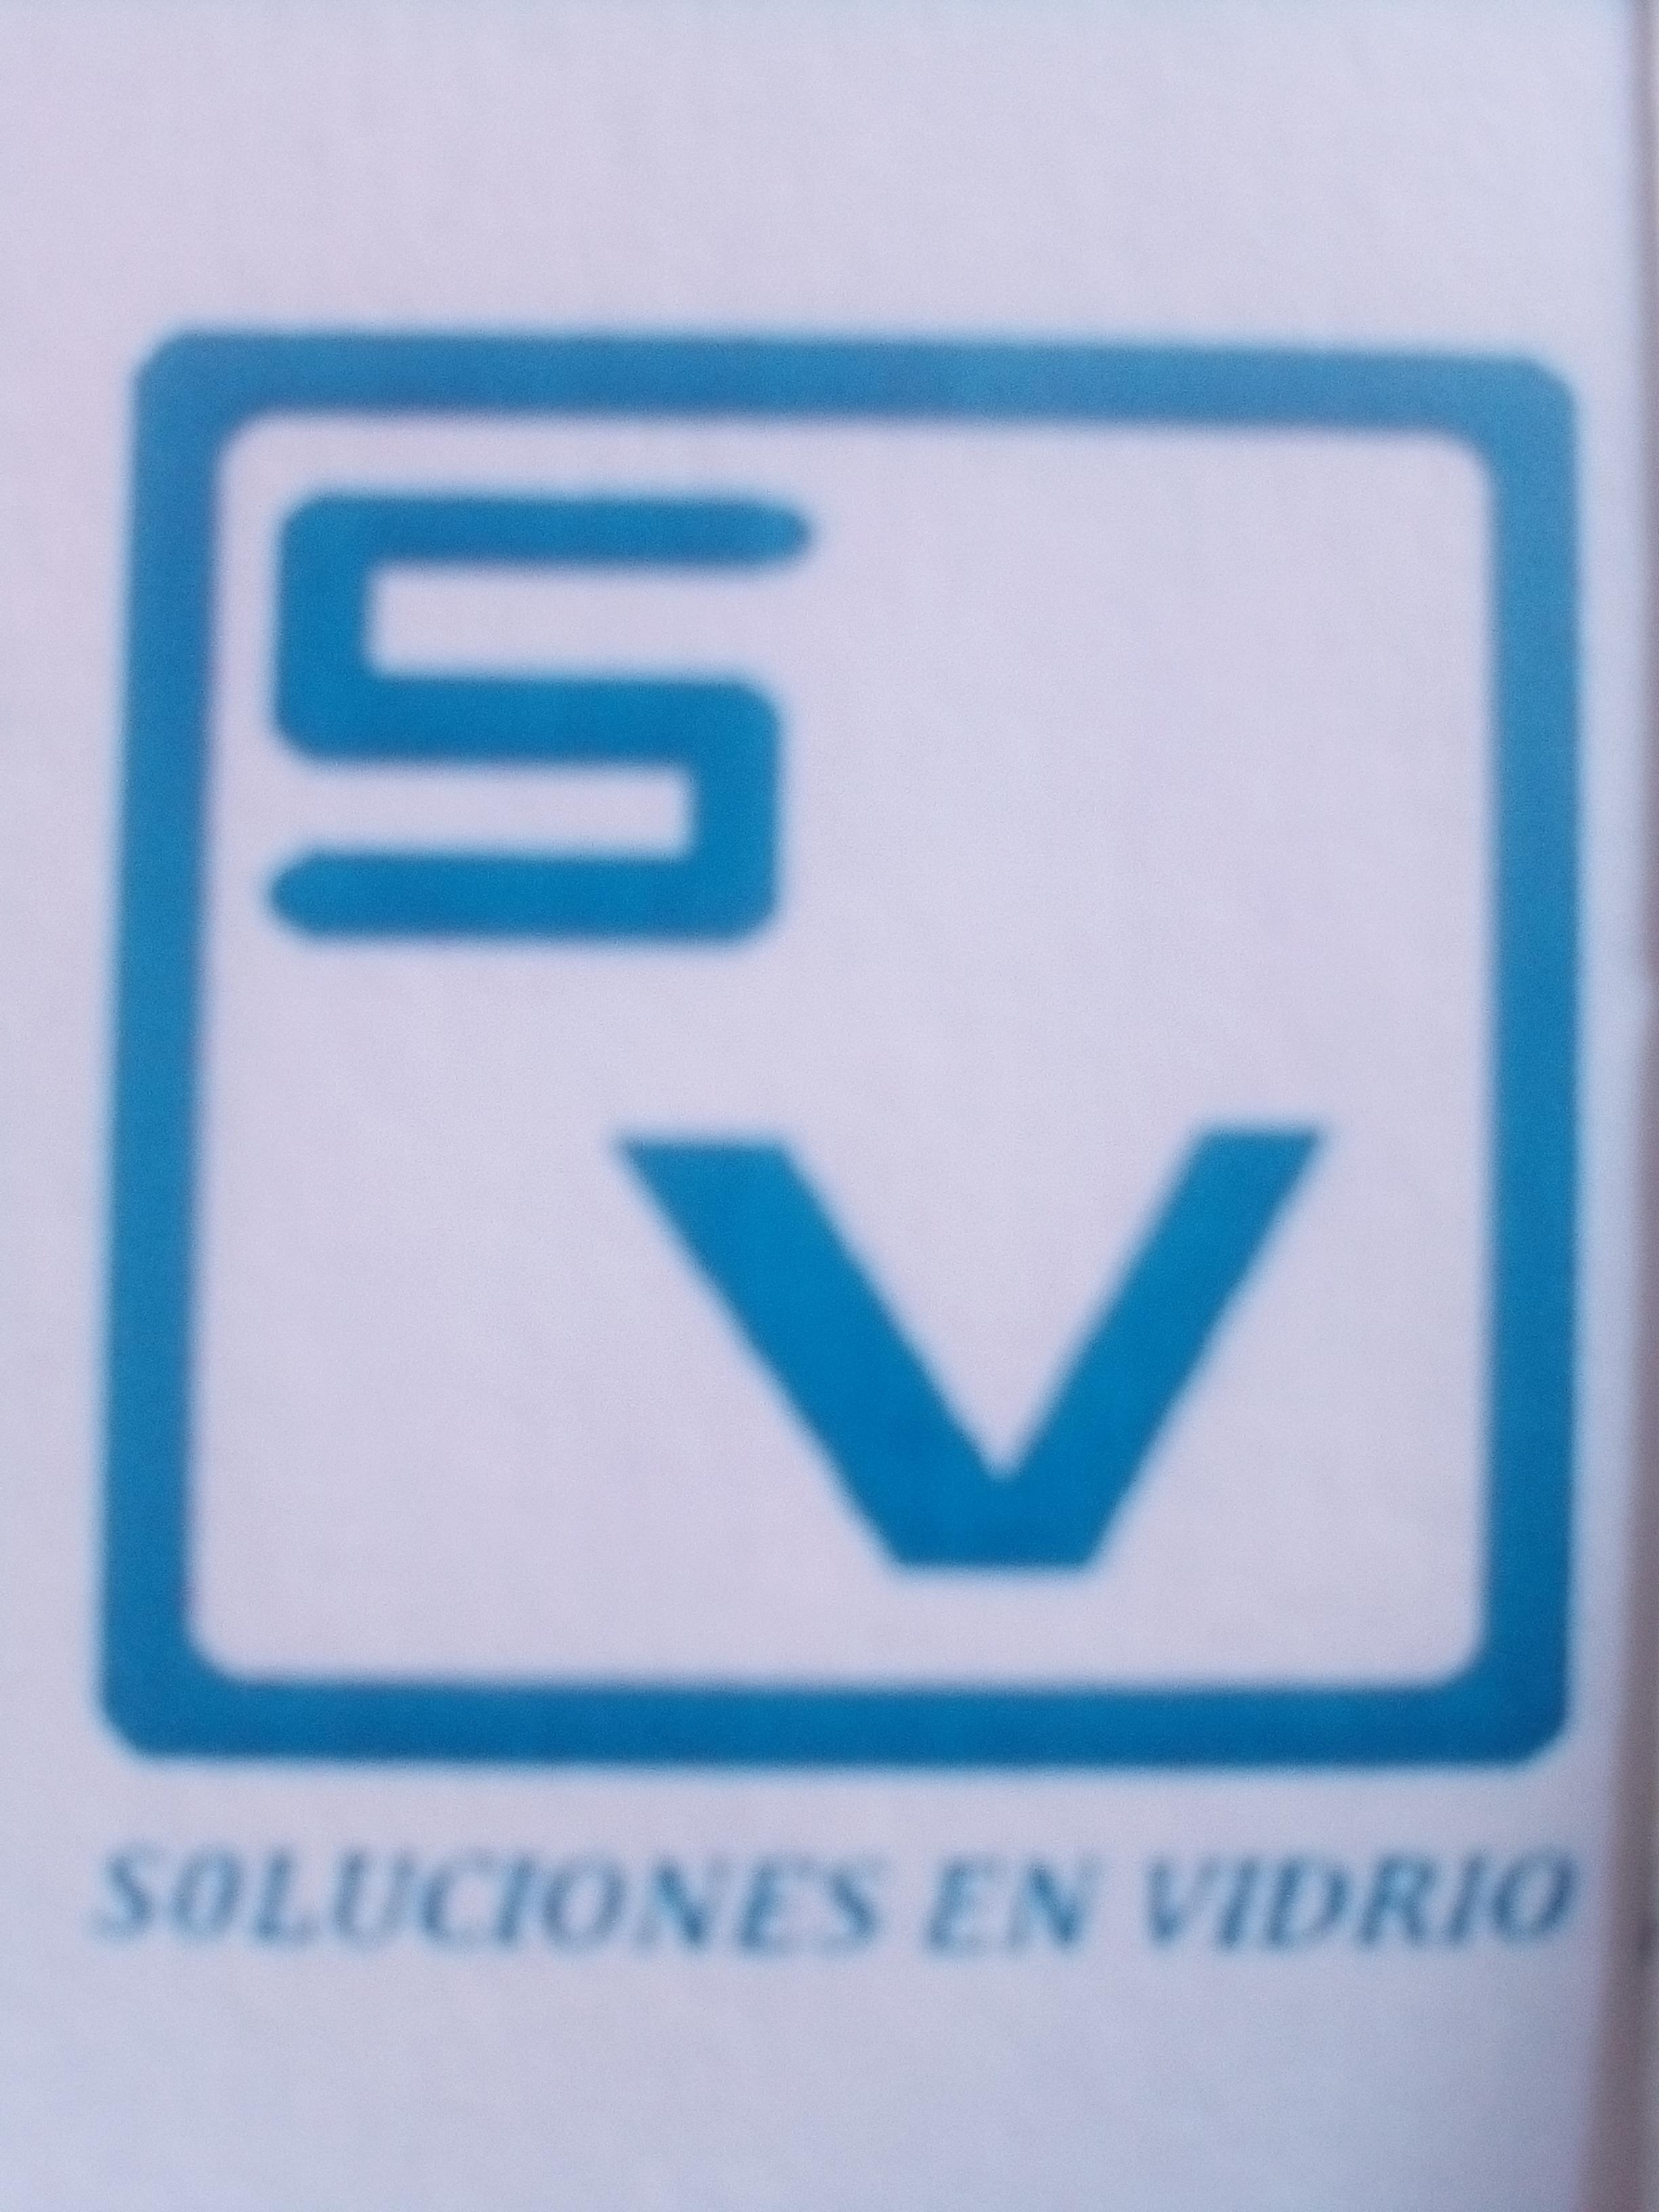 Soluciones En Vidrio